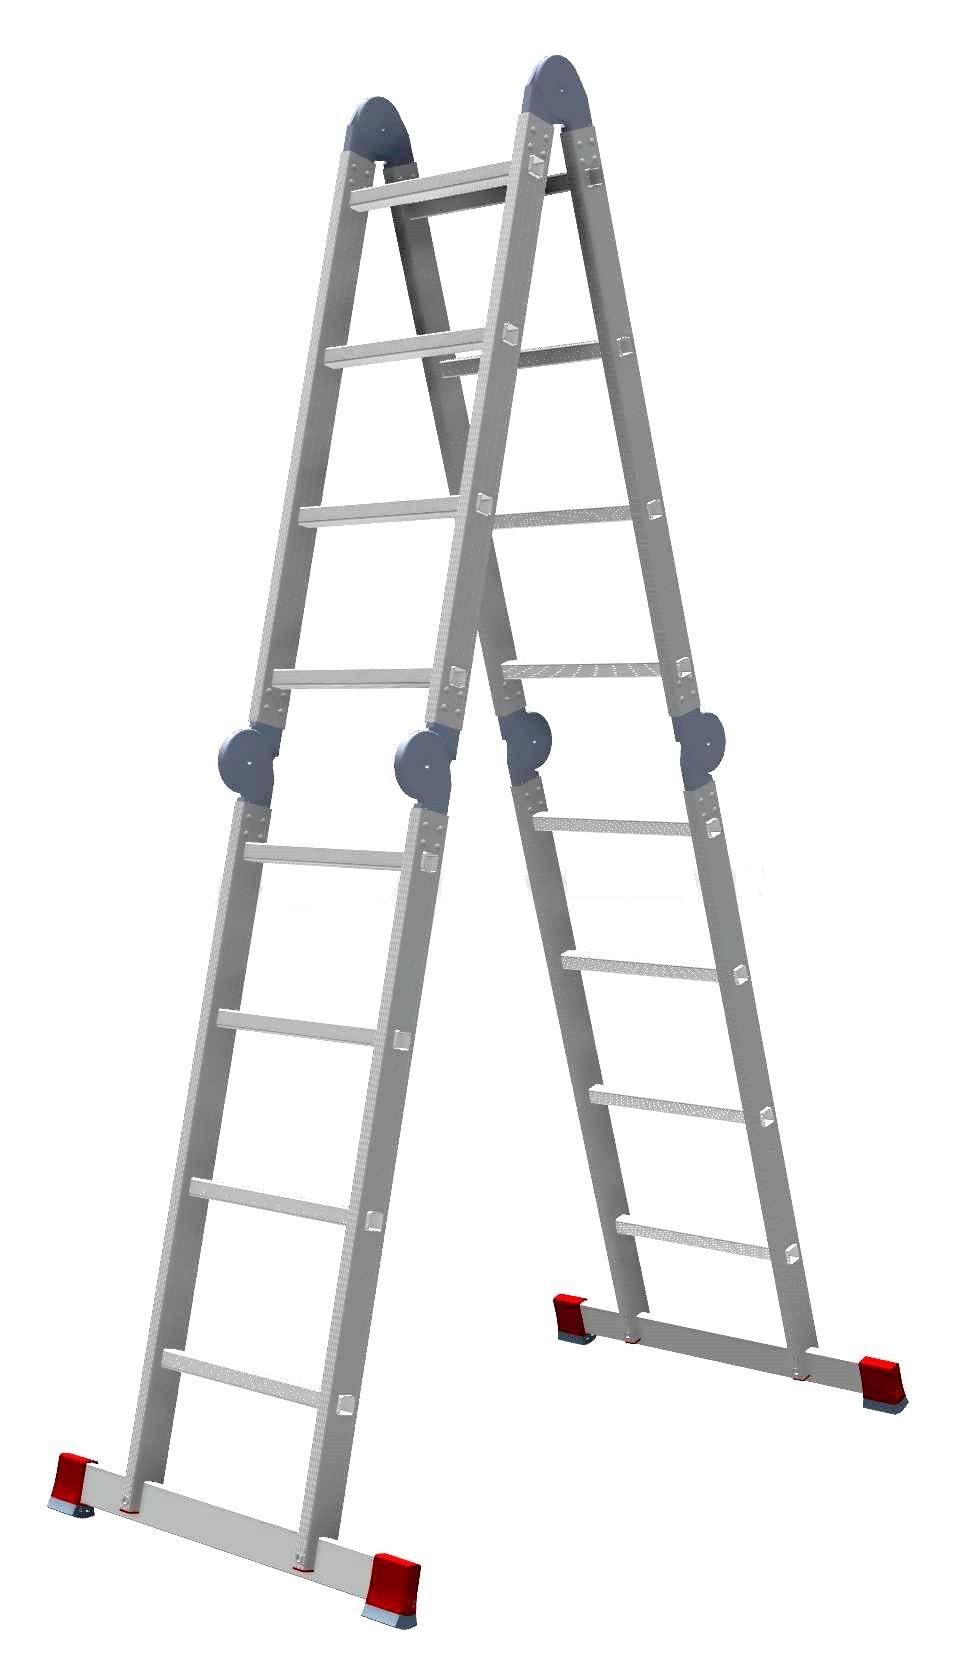 купить Лестница-трансформер НОВАЯ ВЫСОТА 4х4 604404 дешево